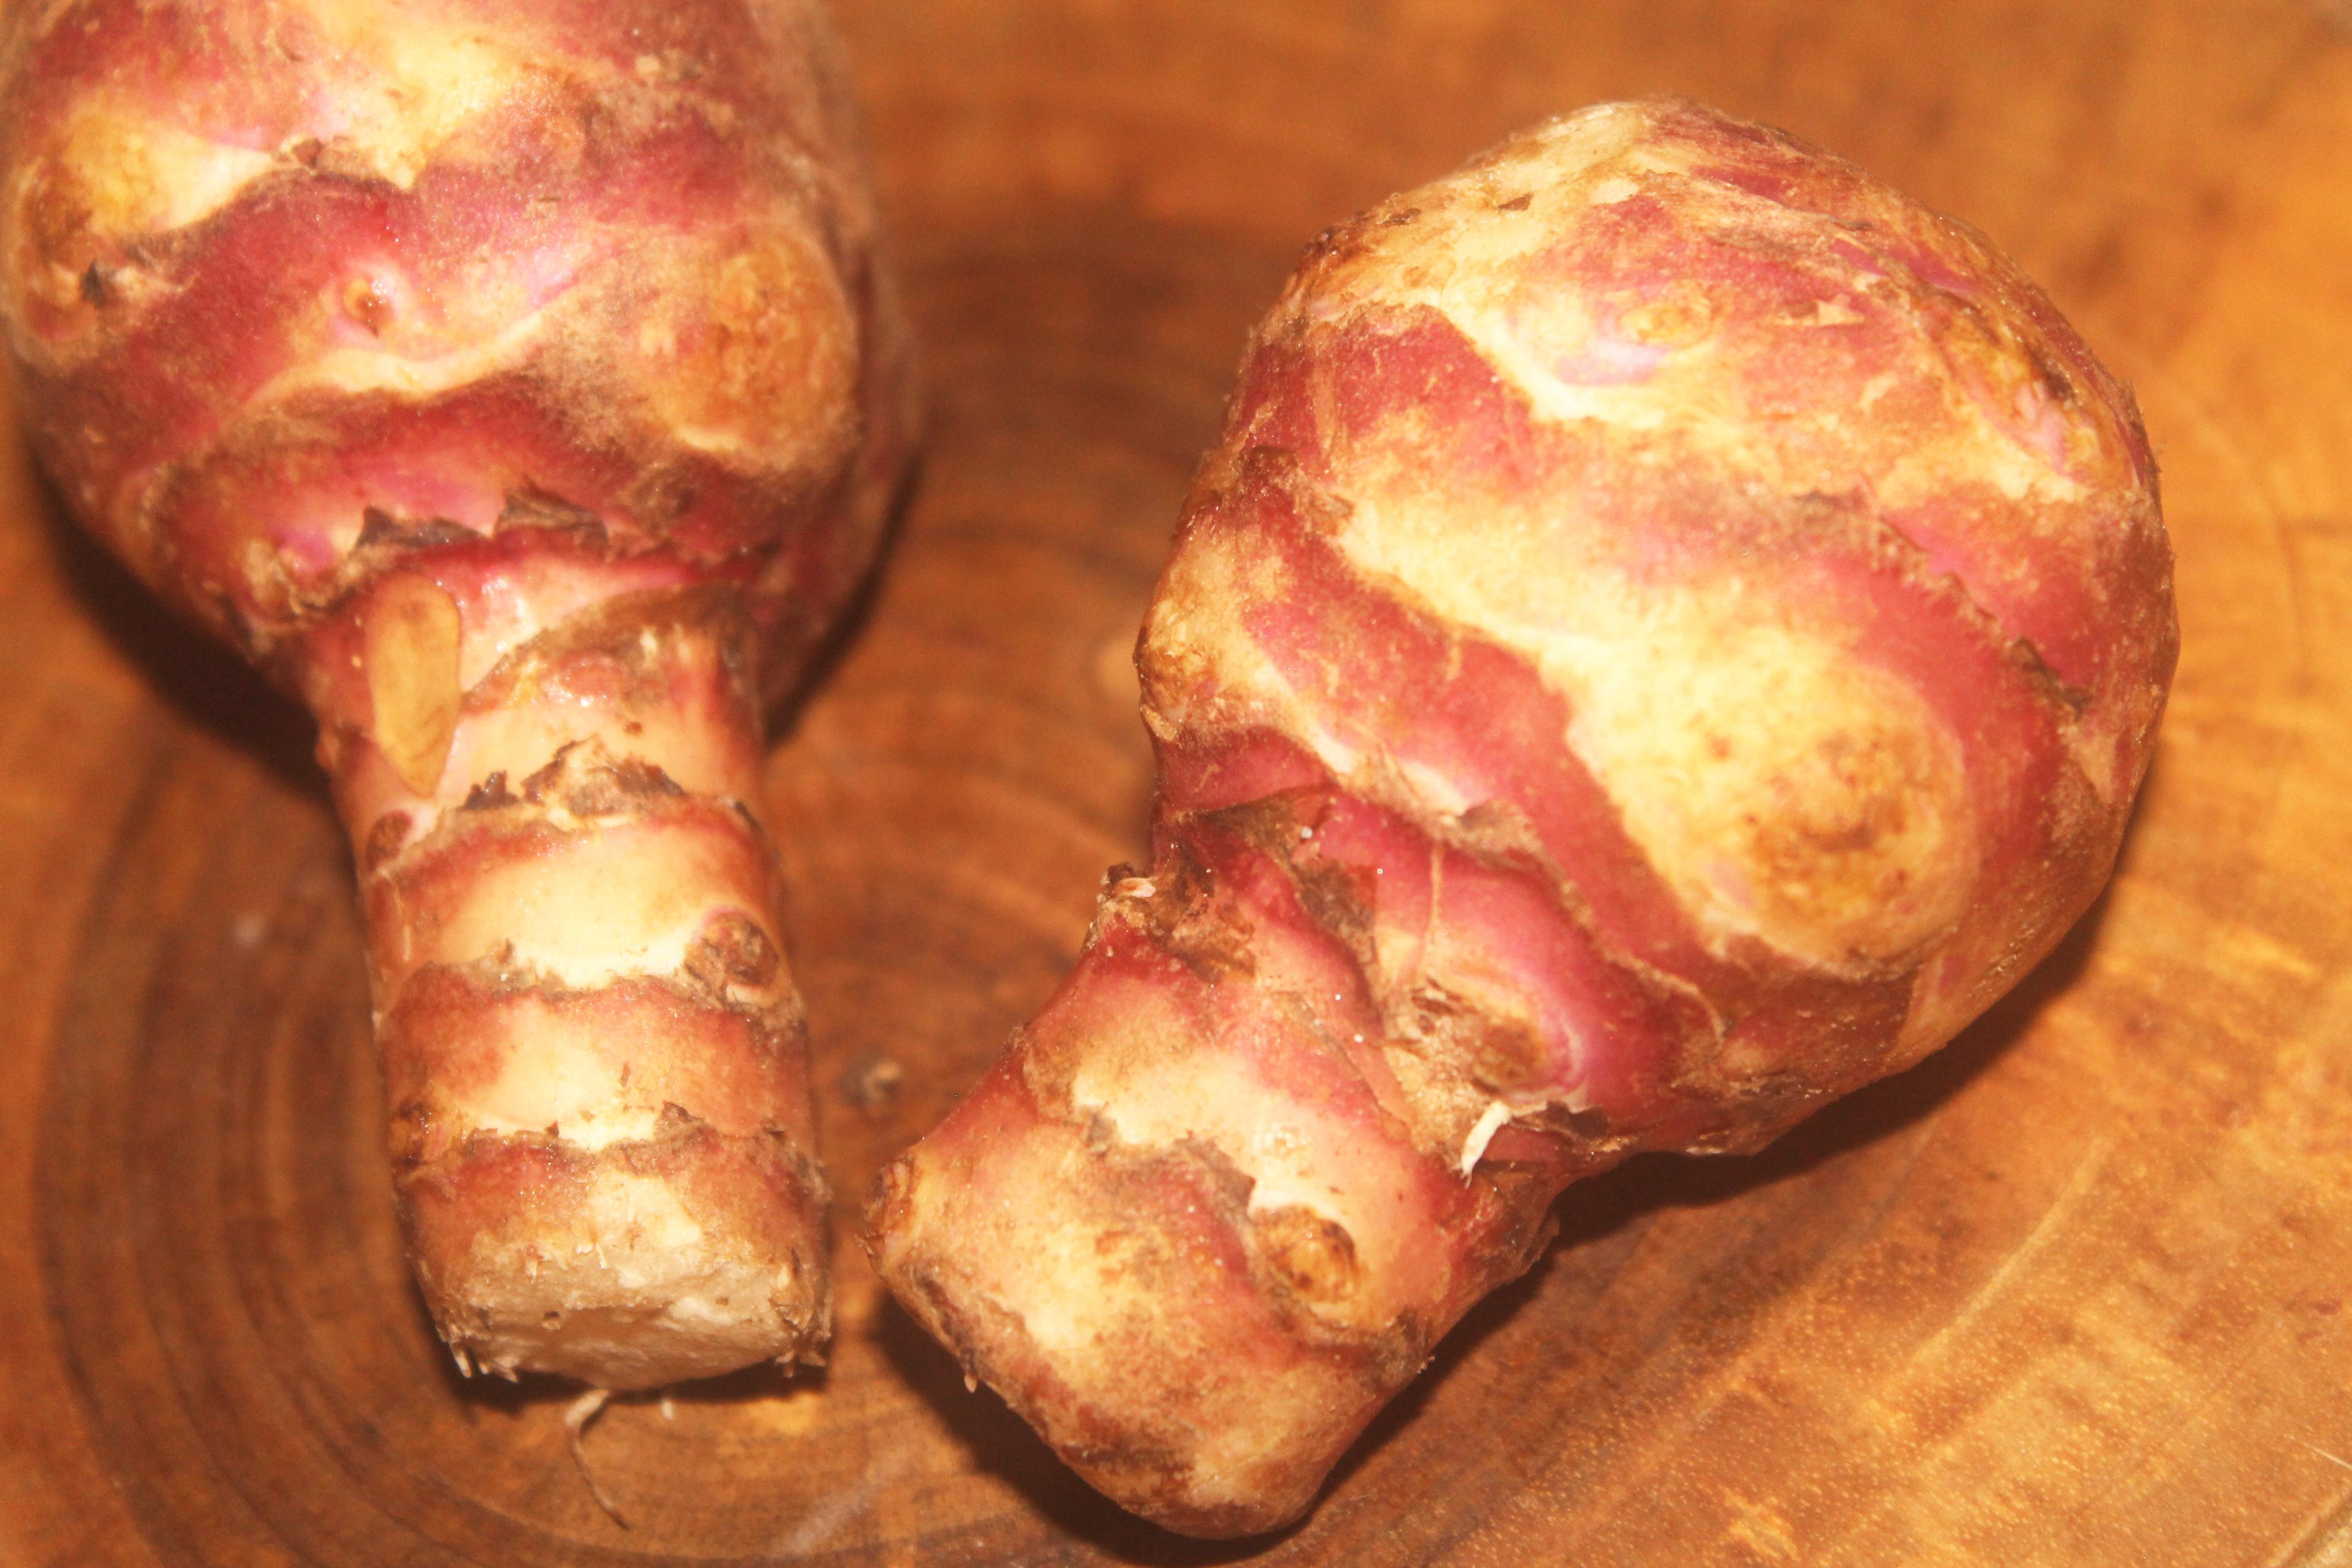 Makaron z atramentem z mątwy, z zapiekanymi filetami z udek kurczaka z topinamburem w sosie pomidorowym - nasza droga do